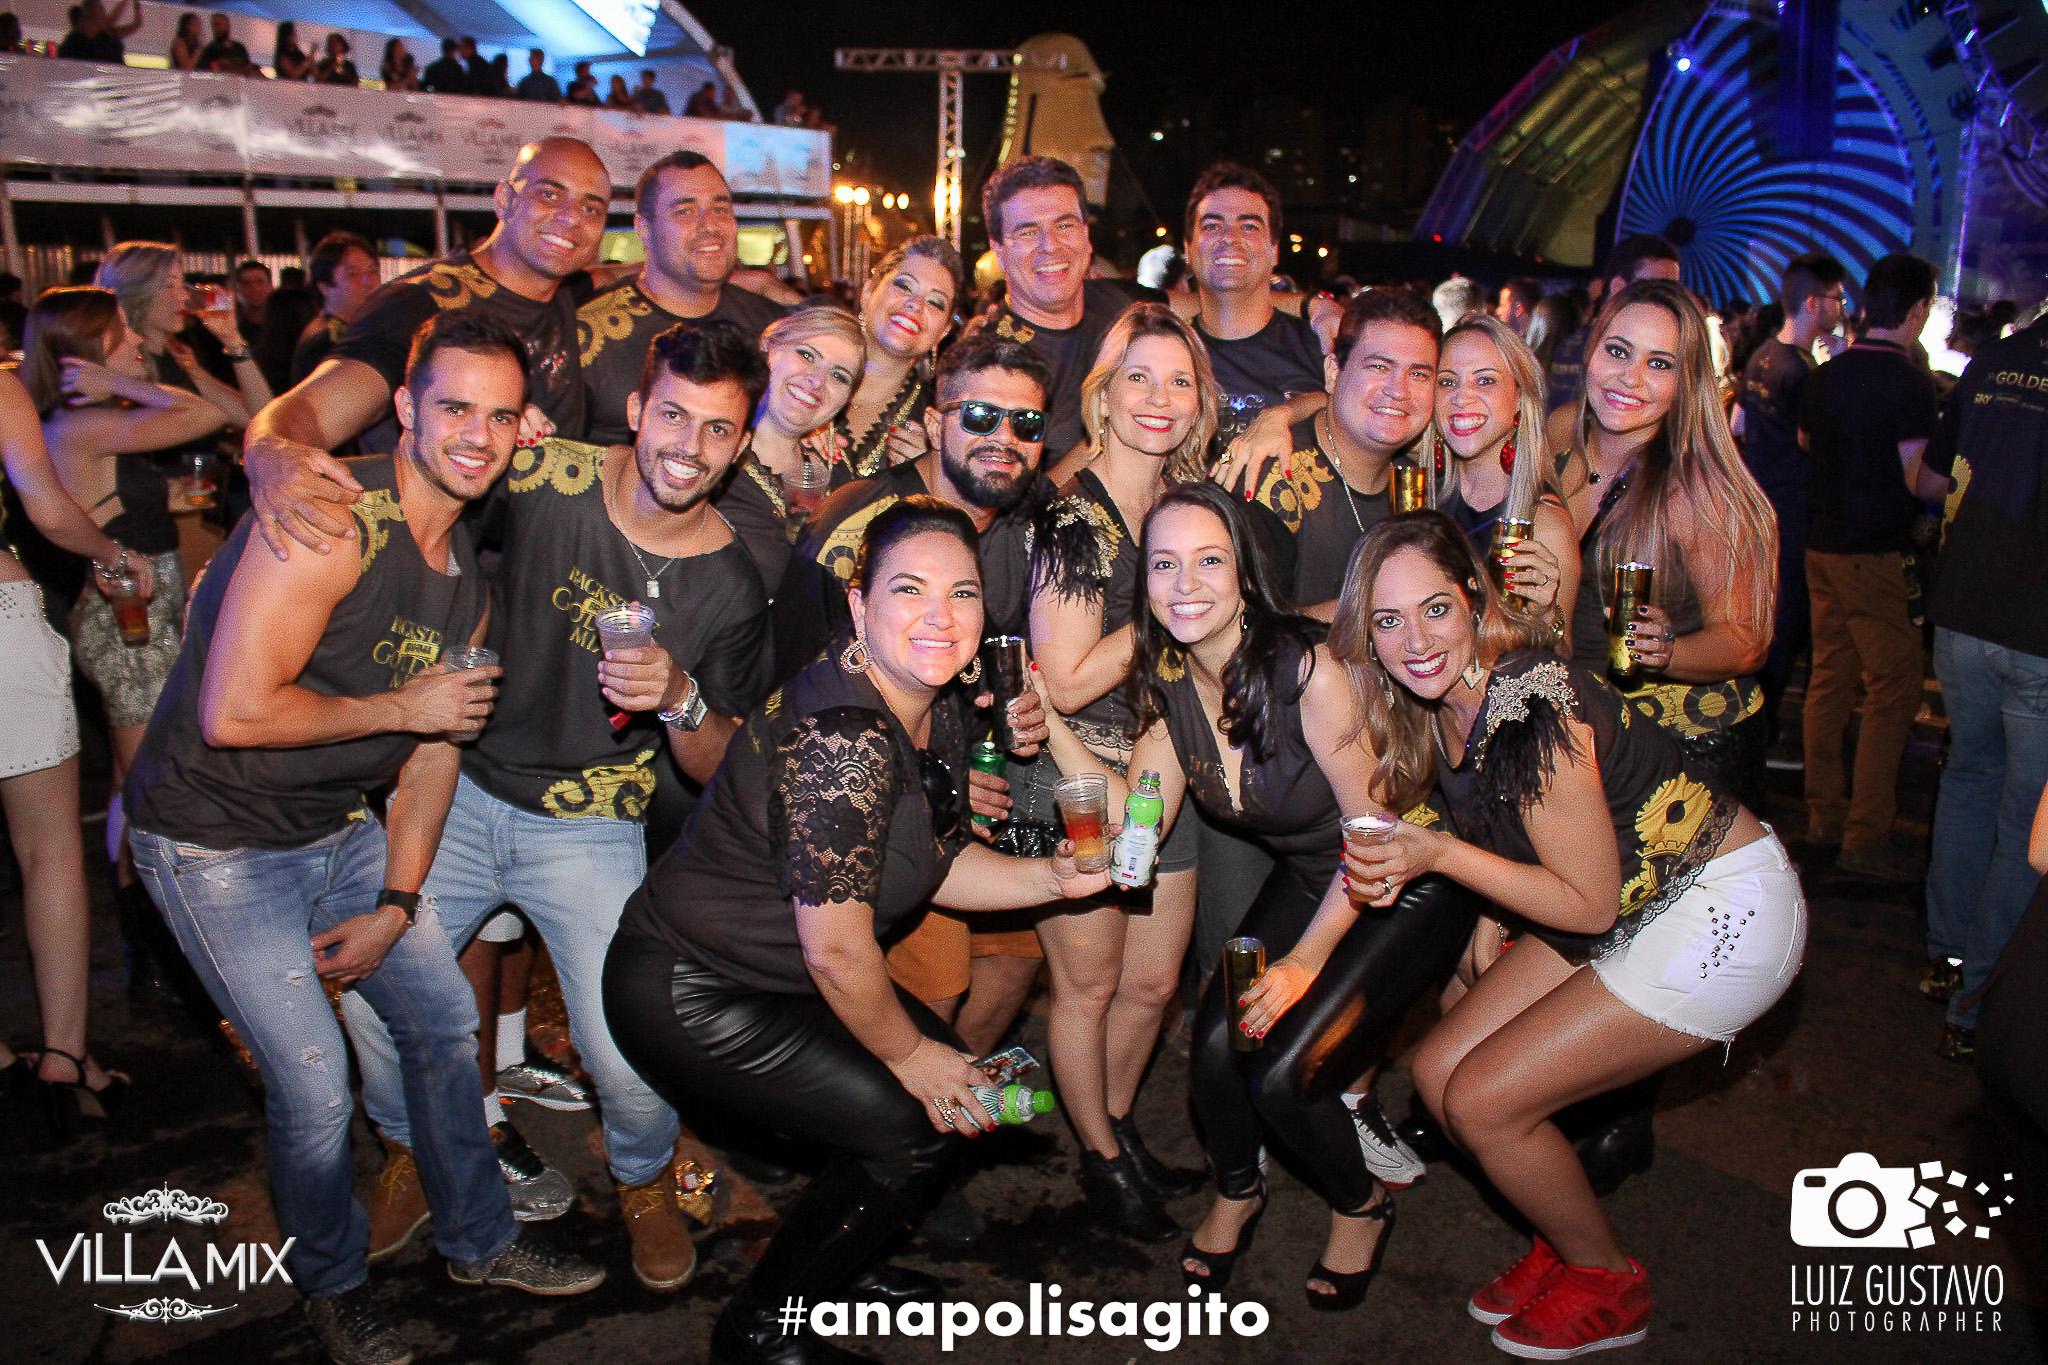 Luiz Gustavo Photographer (140 de 327)